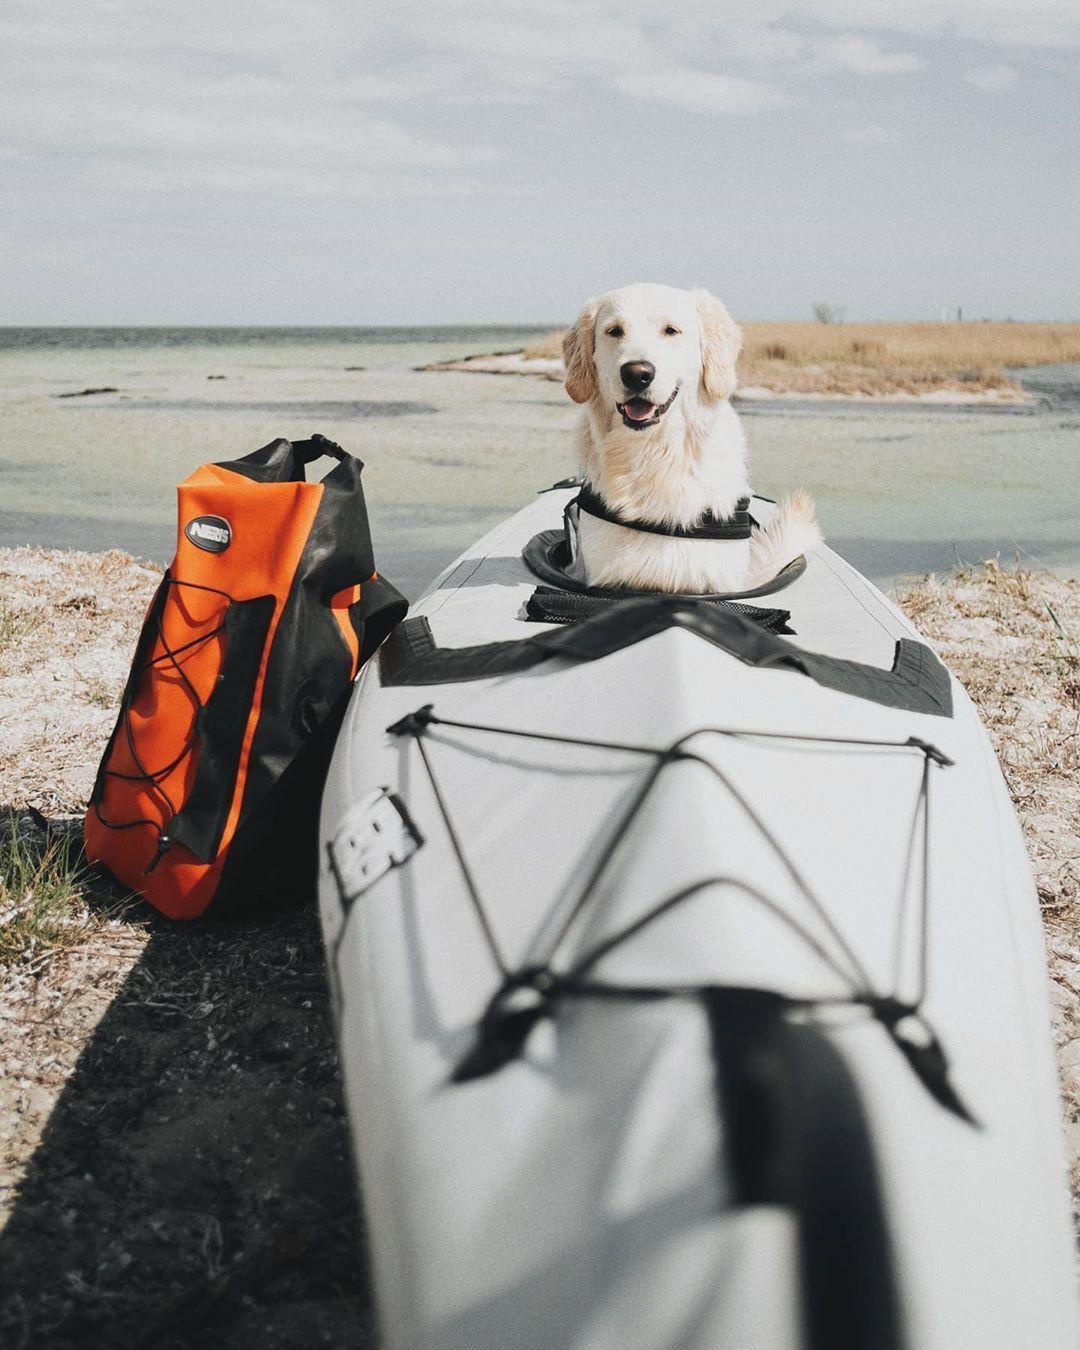 джарилгач каяк і пес